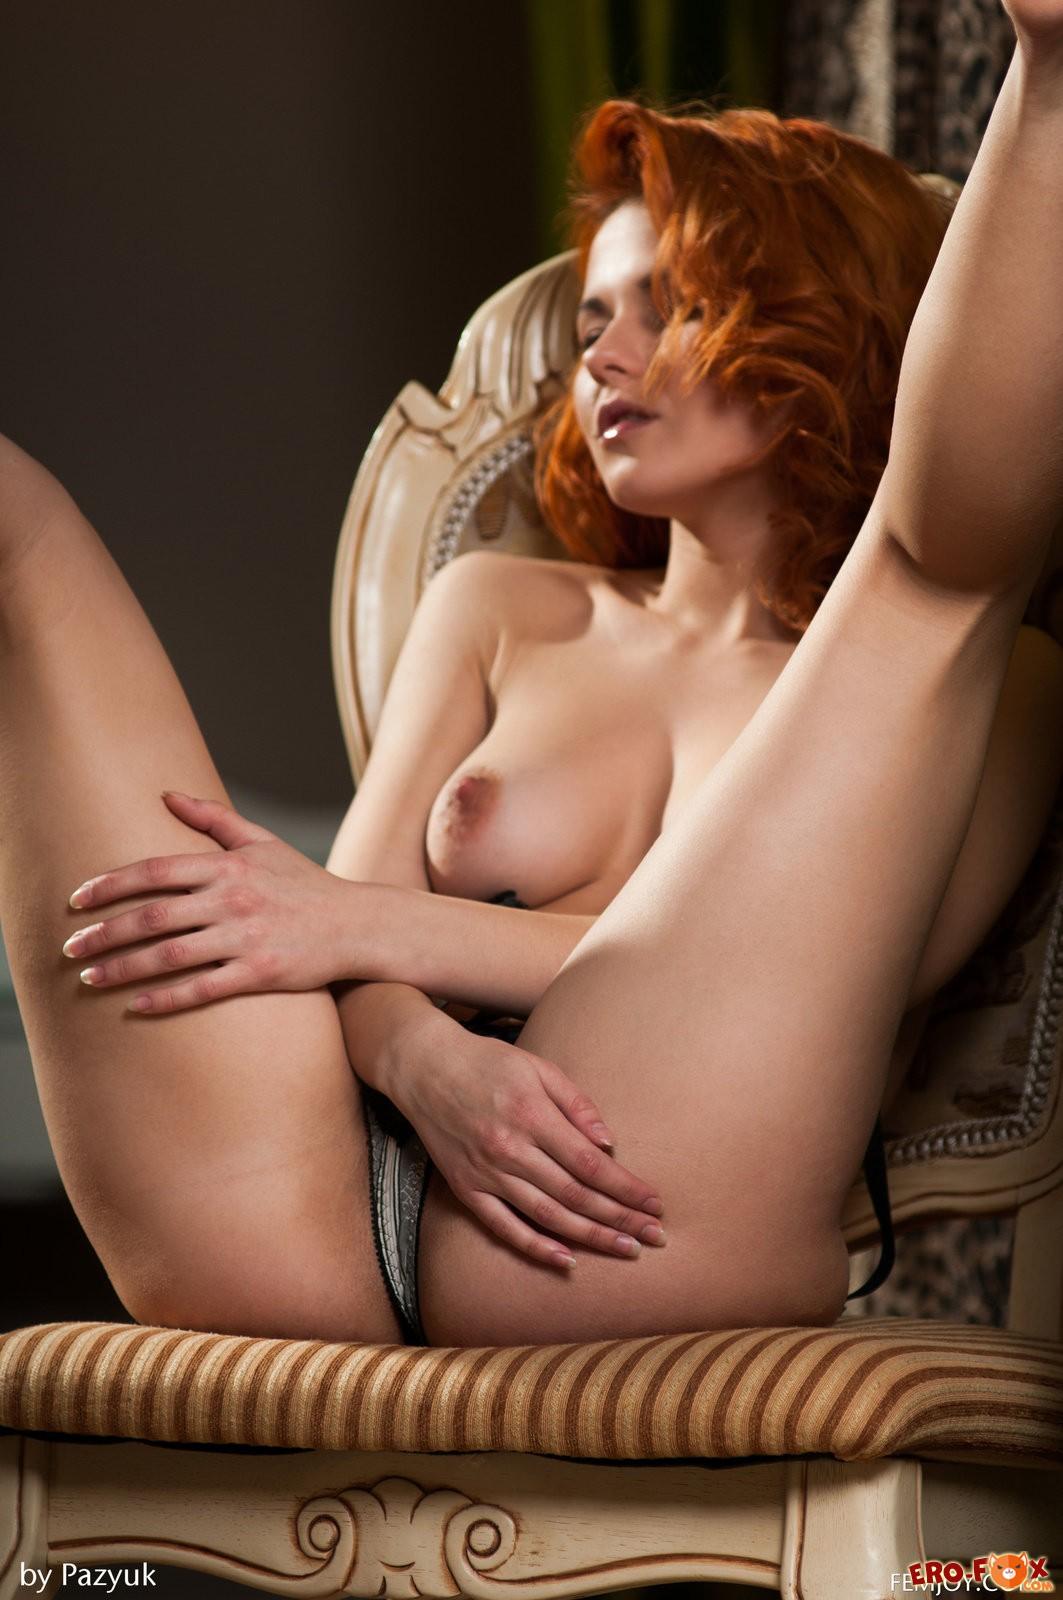 Рыжая дама сняла нижнее бельё и показала себя